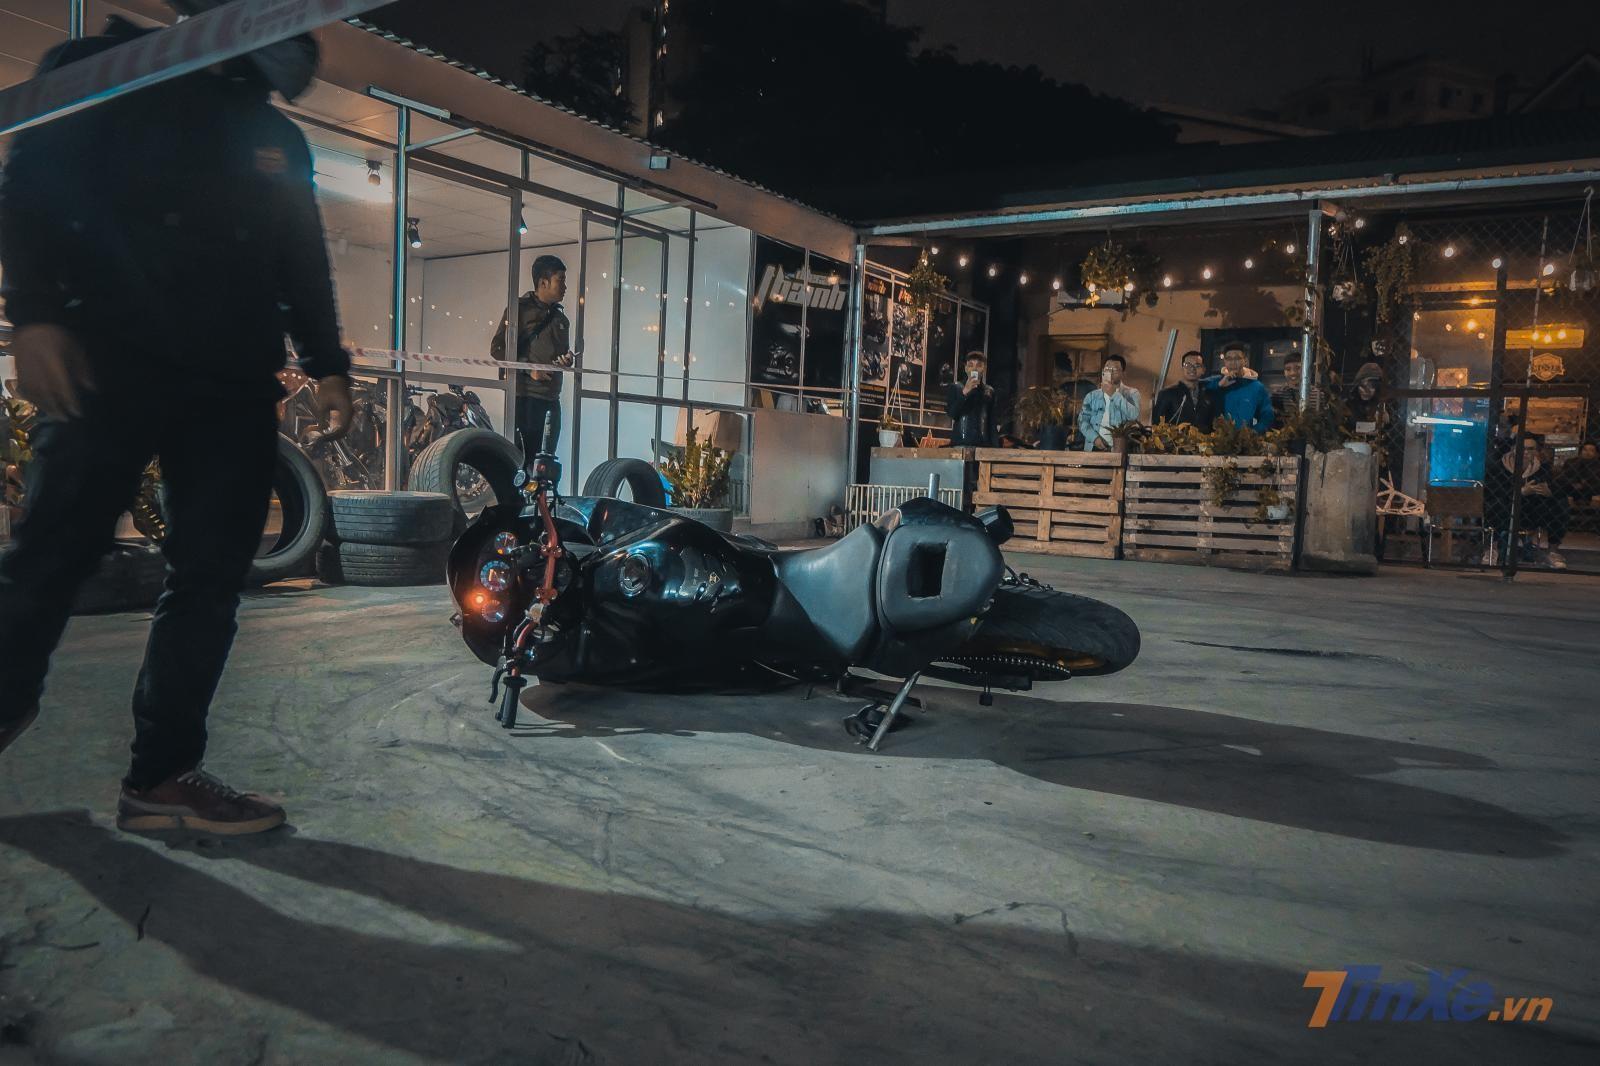 Chiếc xe Kawasaki Ninja 250 được hoán cải lại để phù hợp với việc Stunt